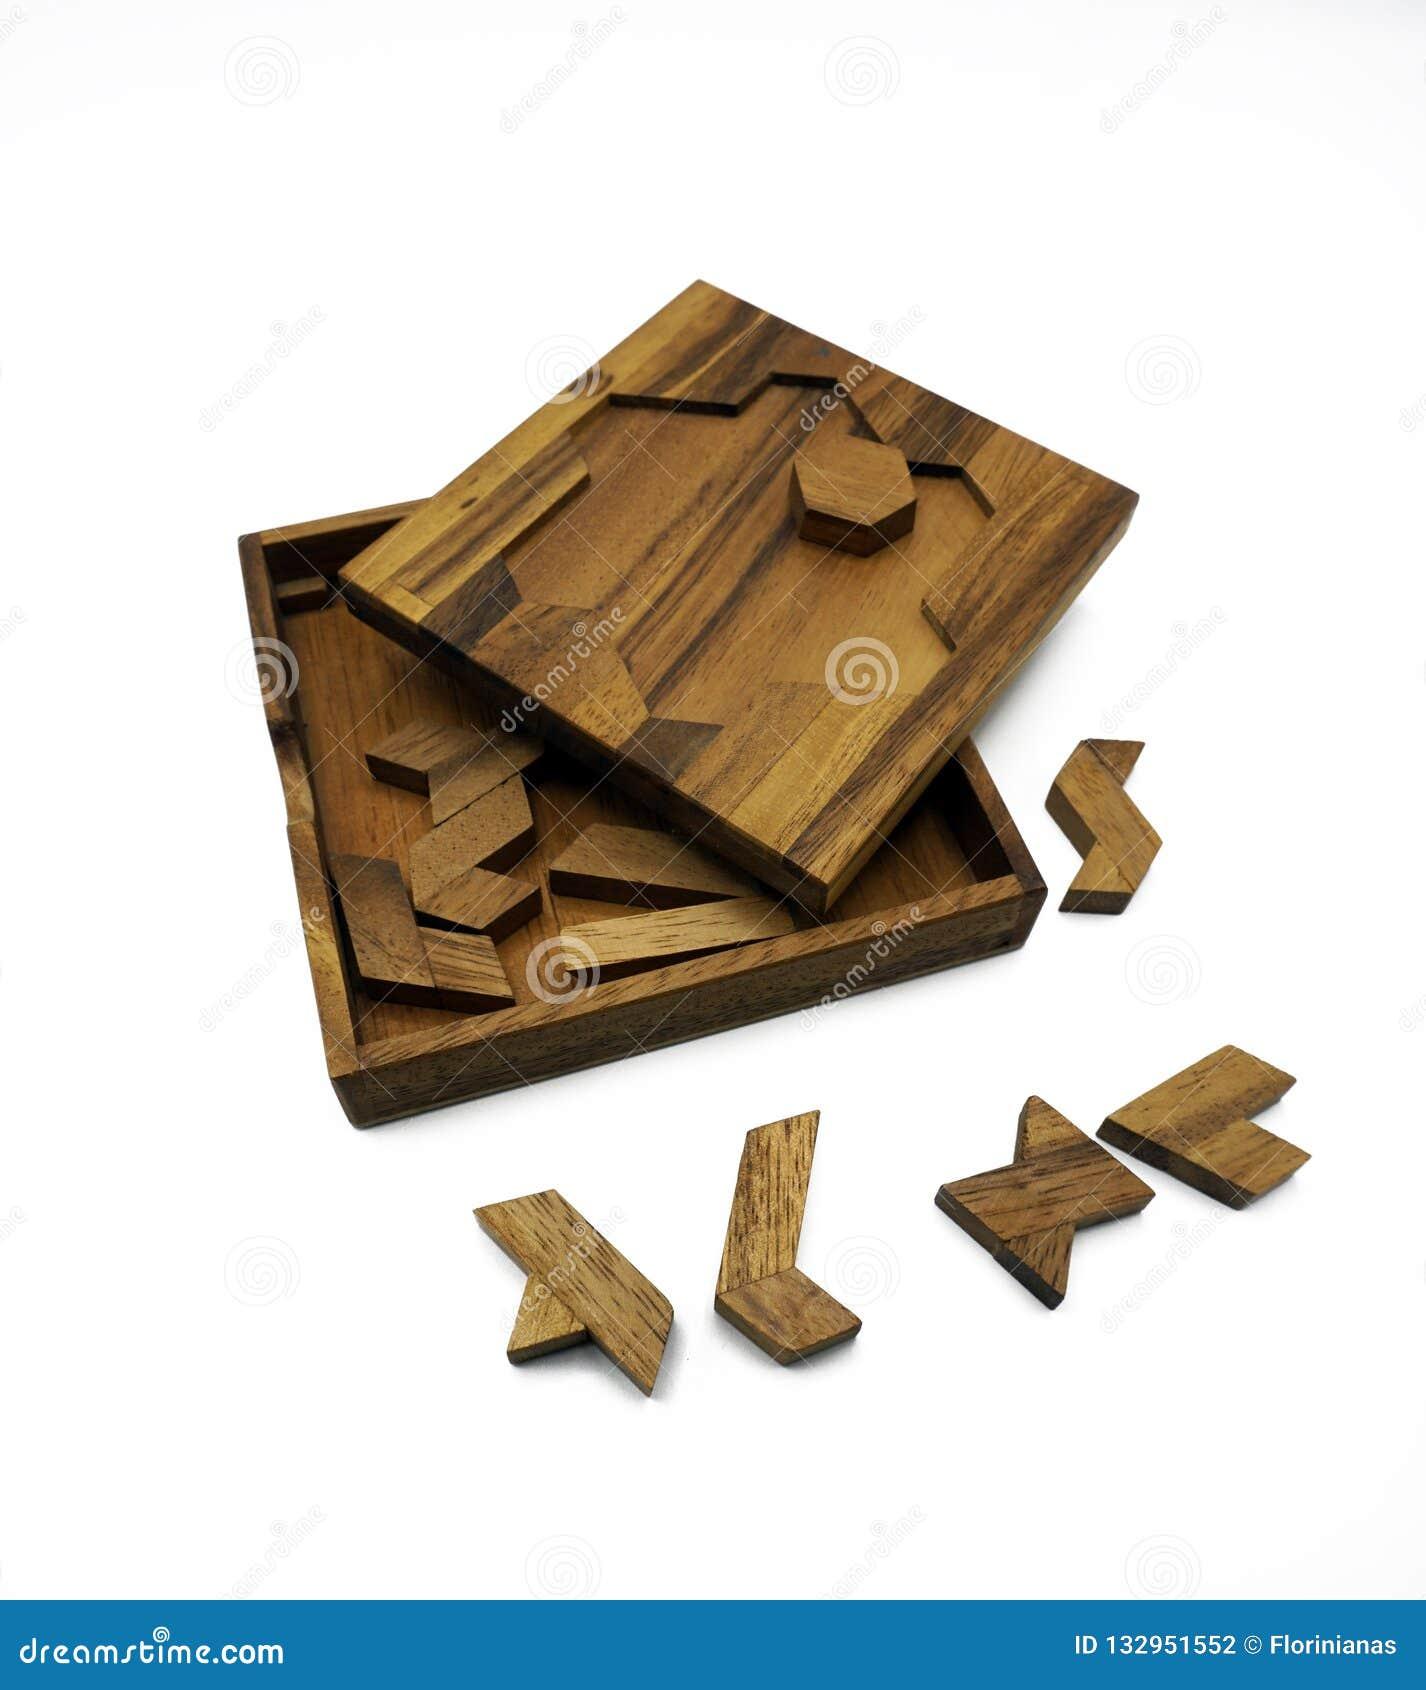 七巧板,中国传统难题比赛